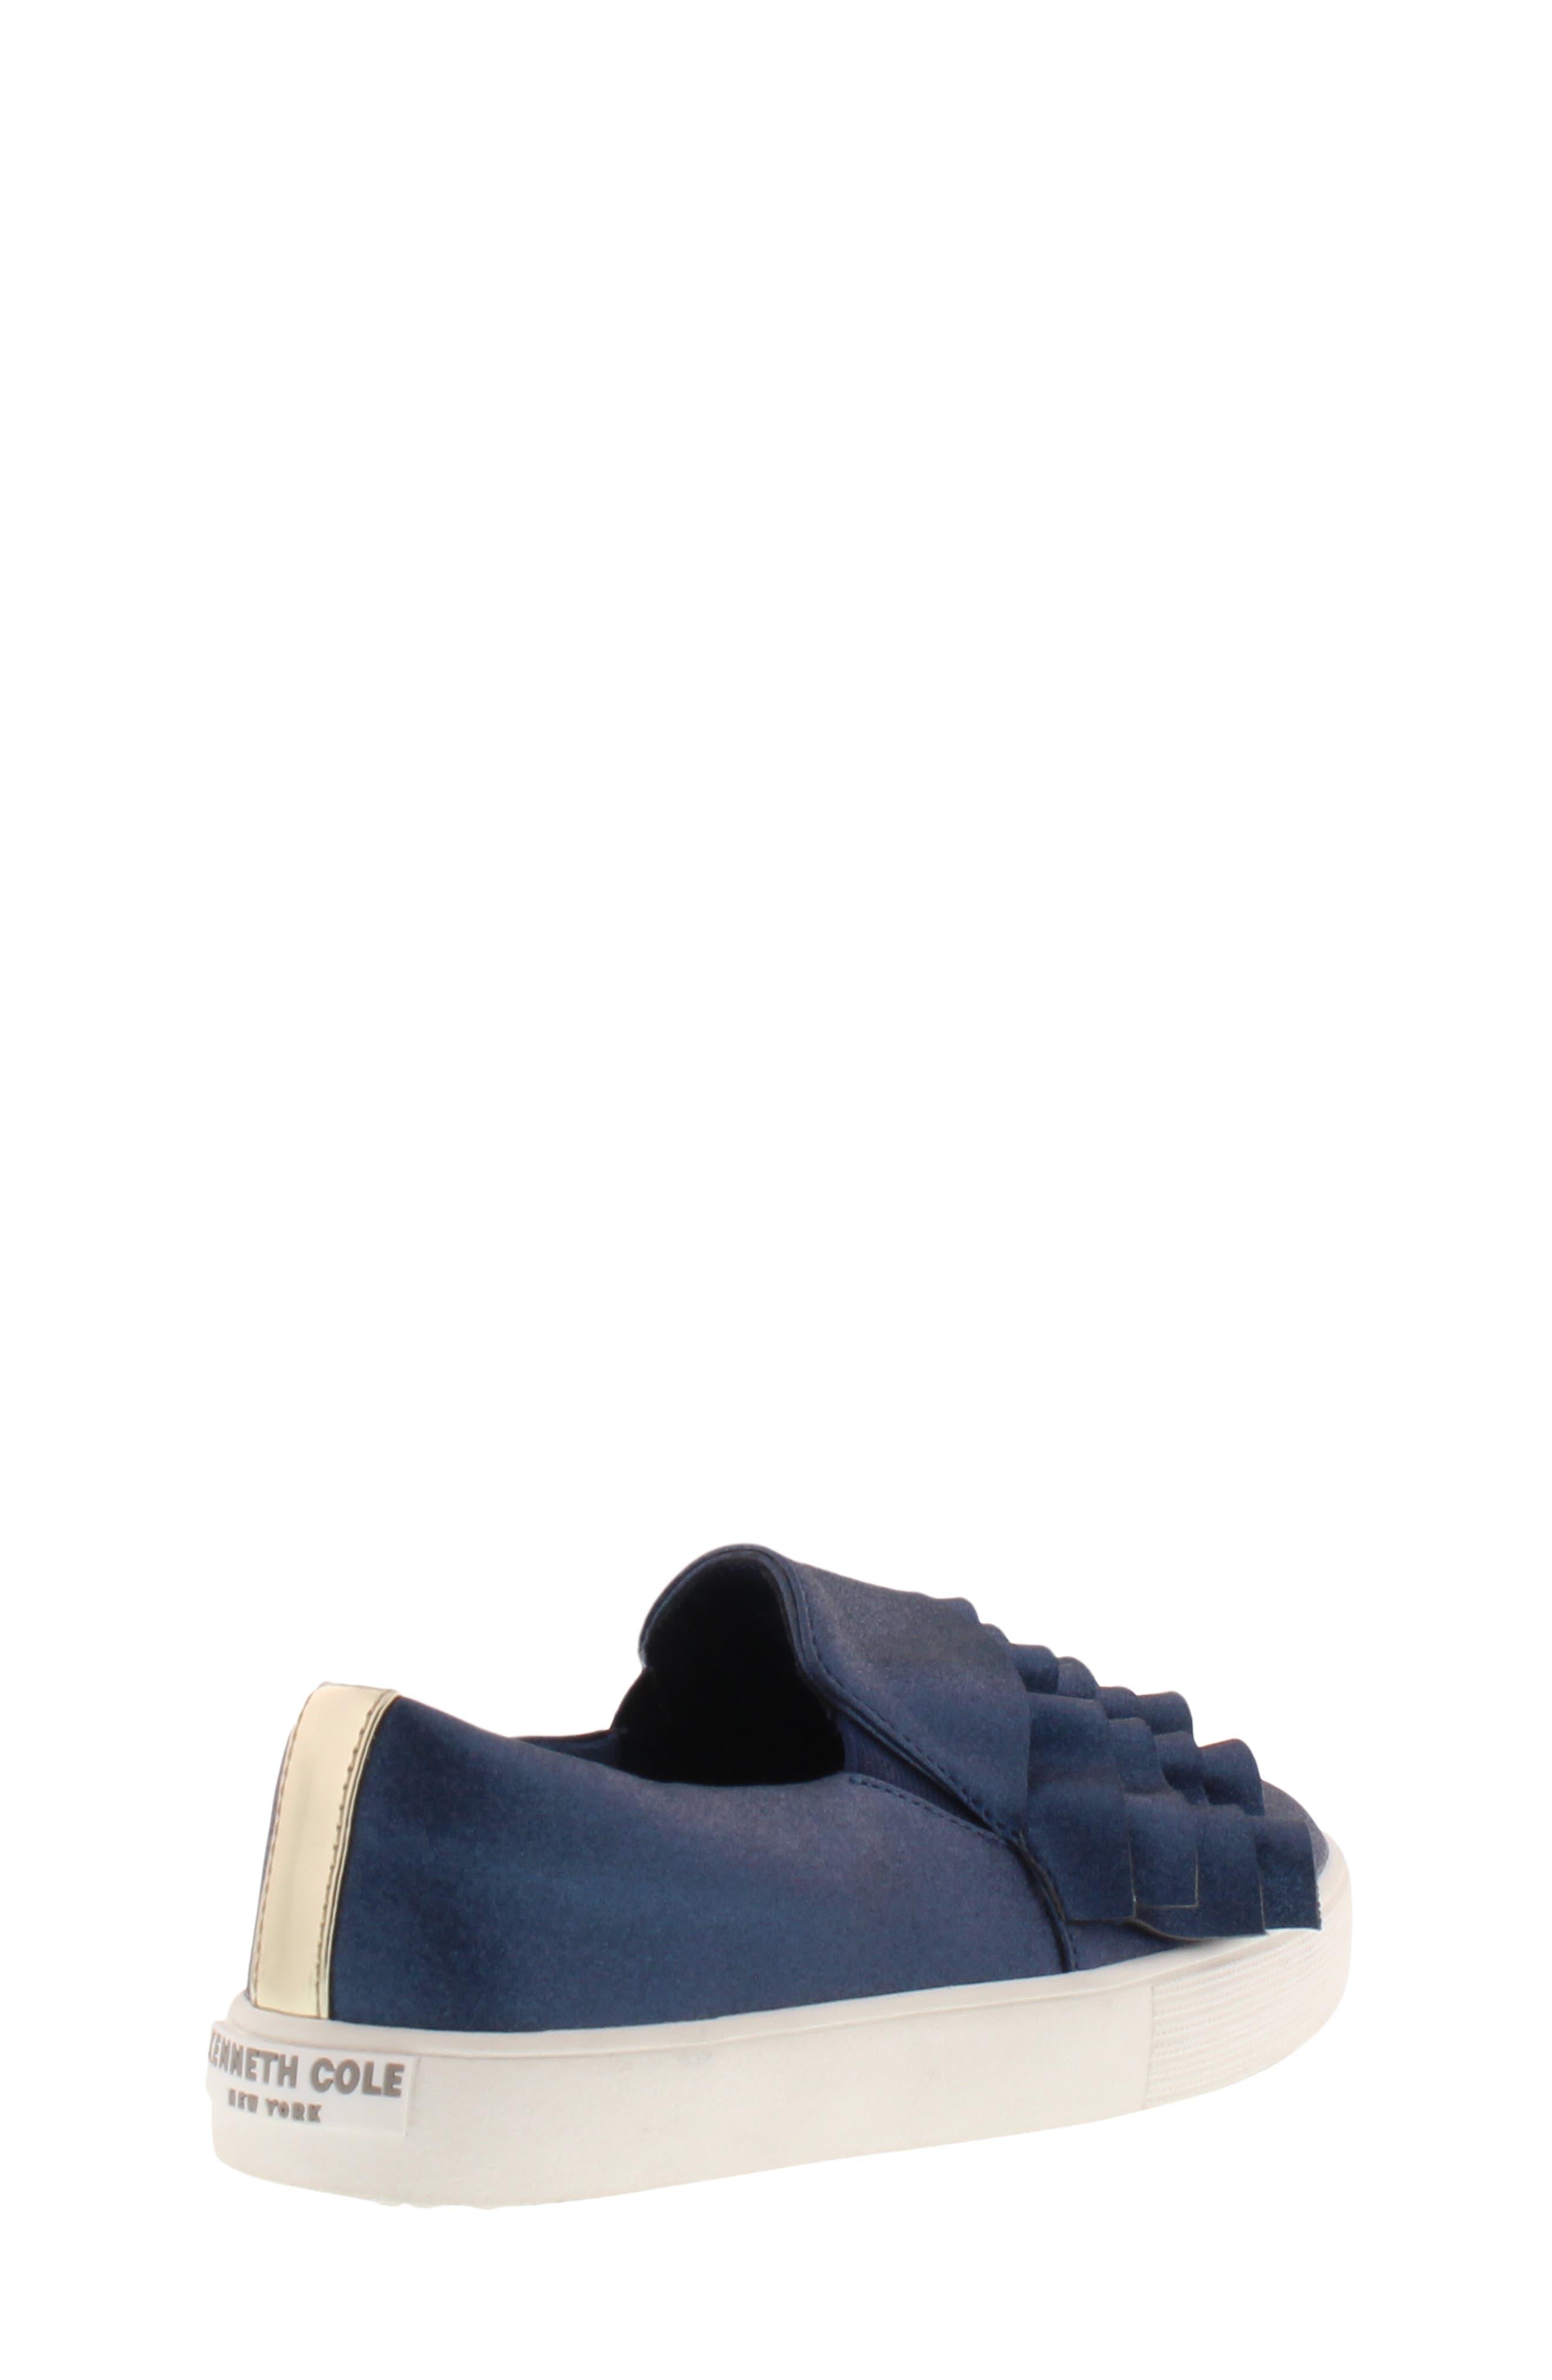 Shimmery Kam Ruffle Slip-On Sneaker,                             Alternate thumbnail 2, color,                             NAVY